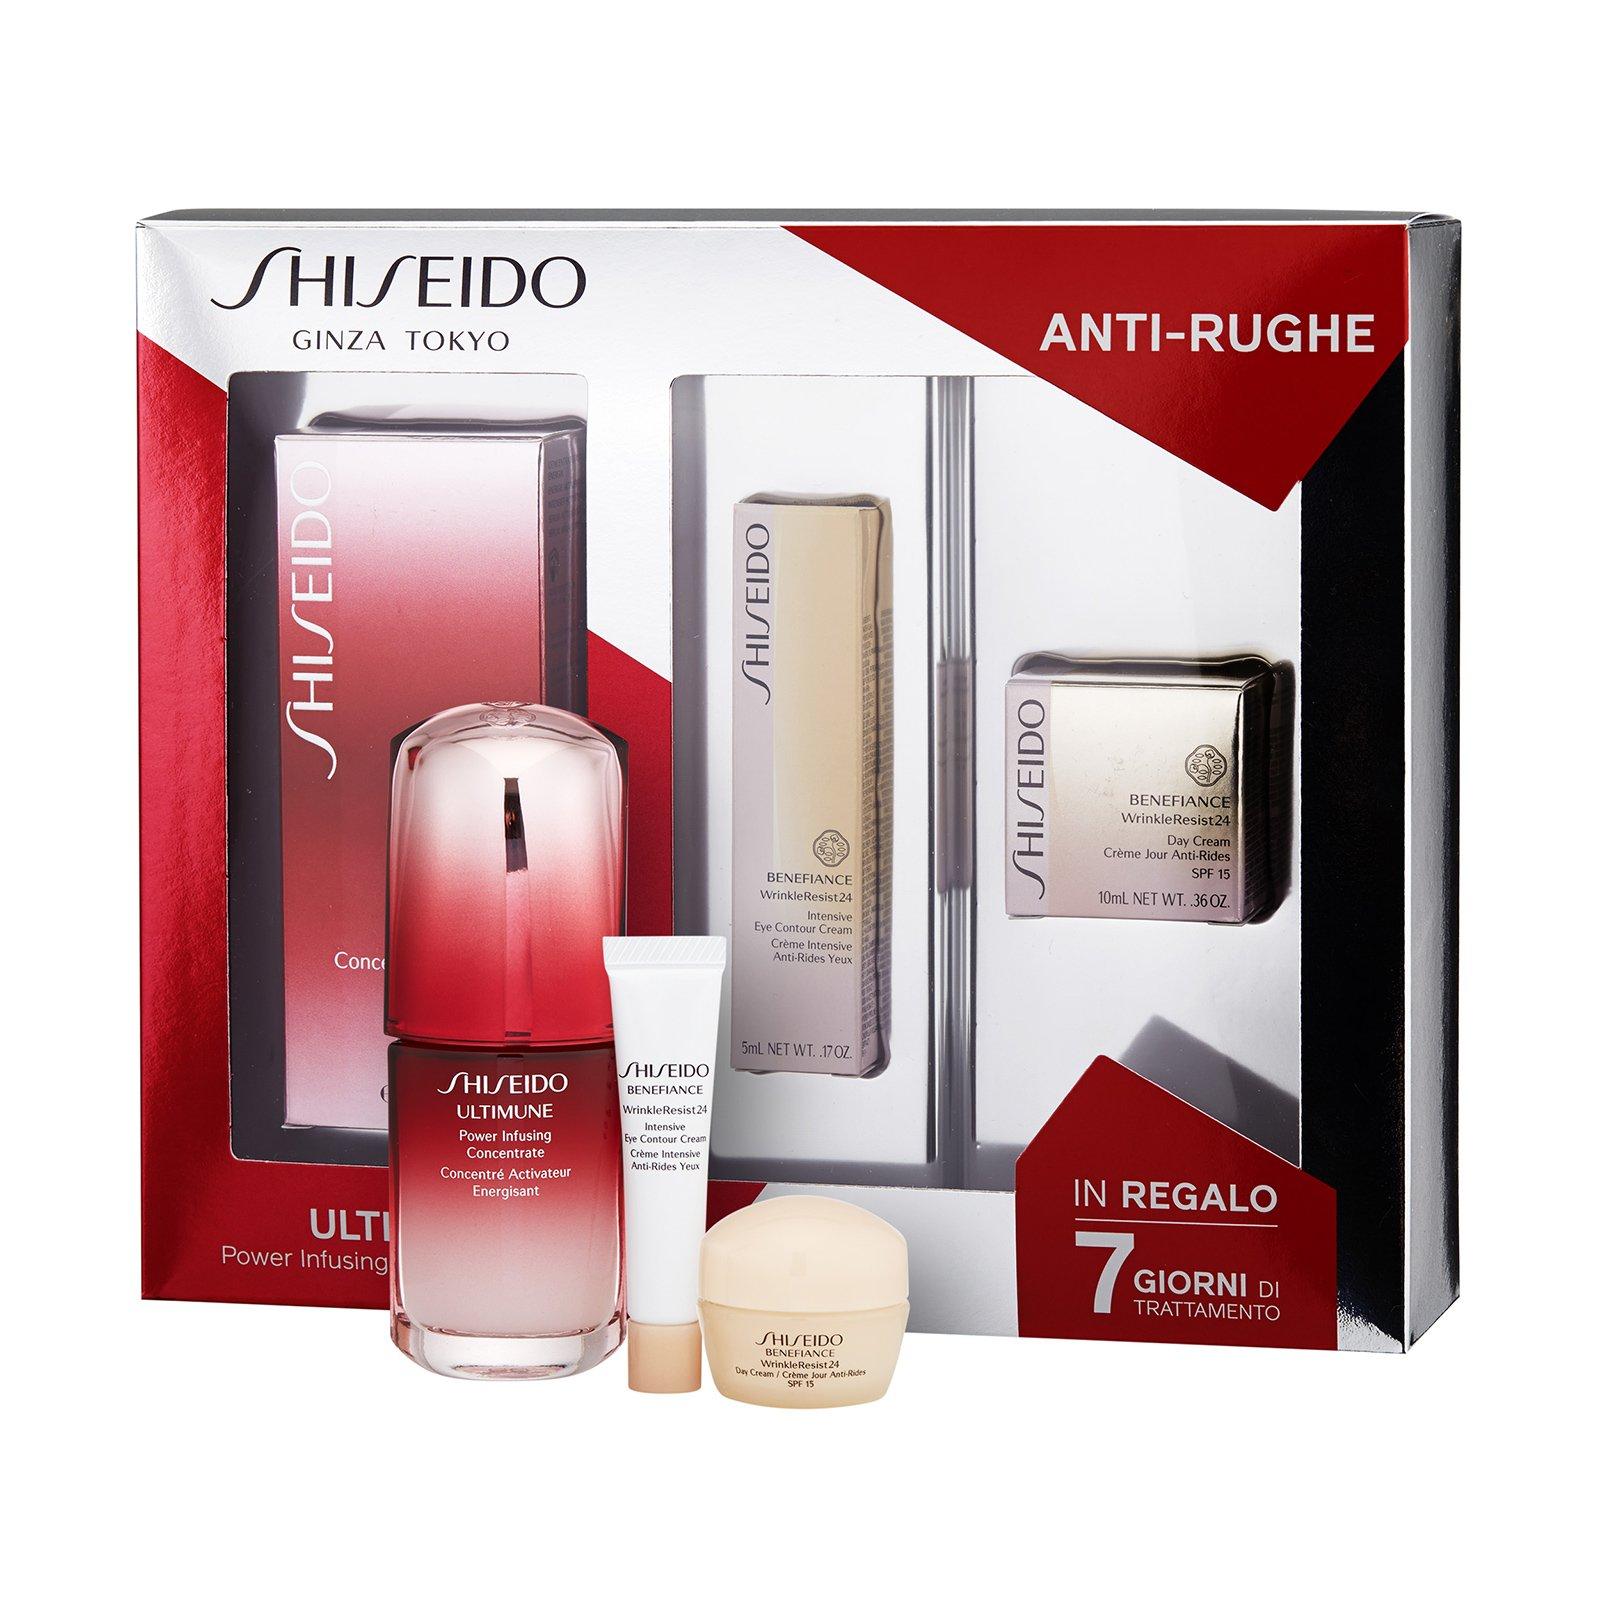 Shiseido 3-Piece Skincare Set 1set, 3pcs